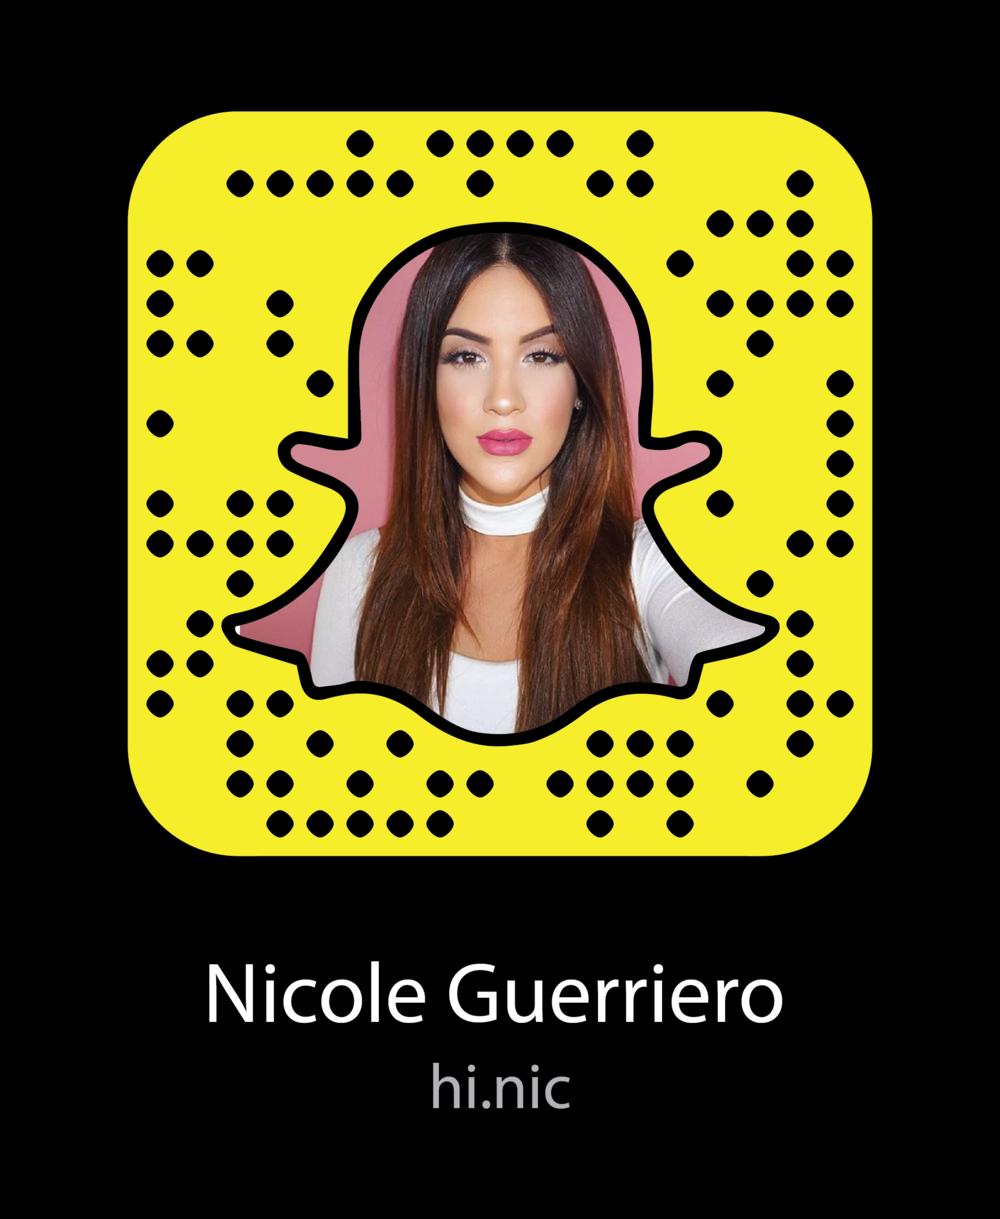 hi.nic-Beauty-Bloggers-snapchat-snapcode.png